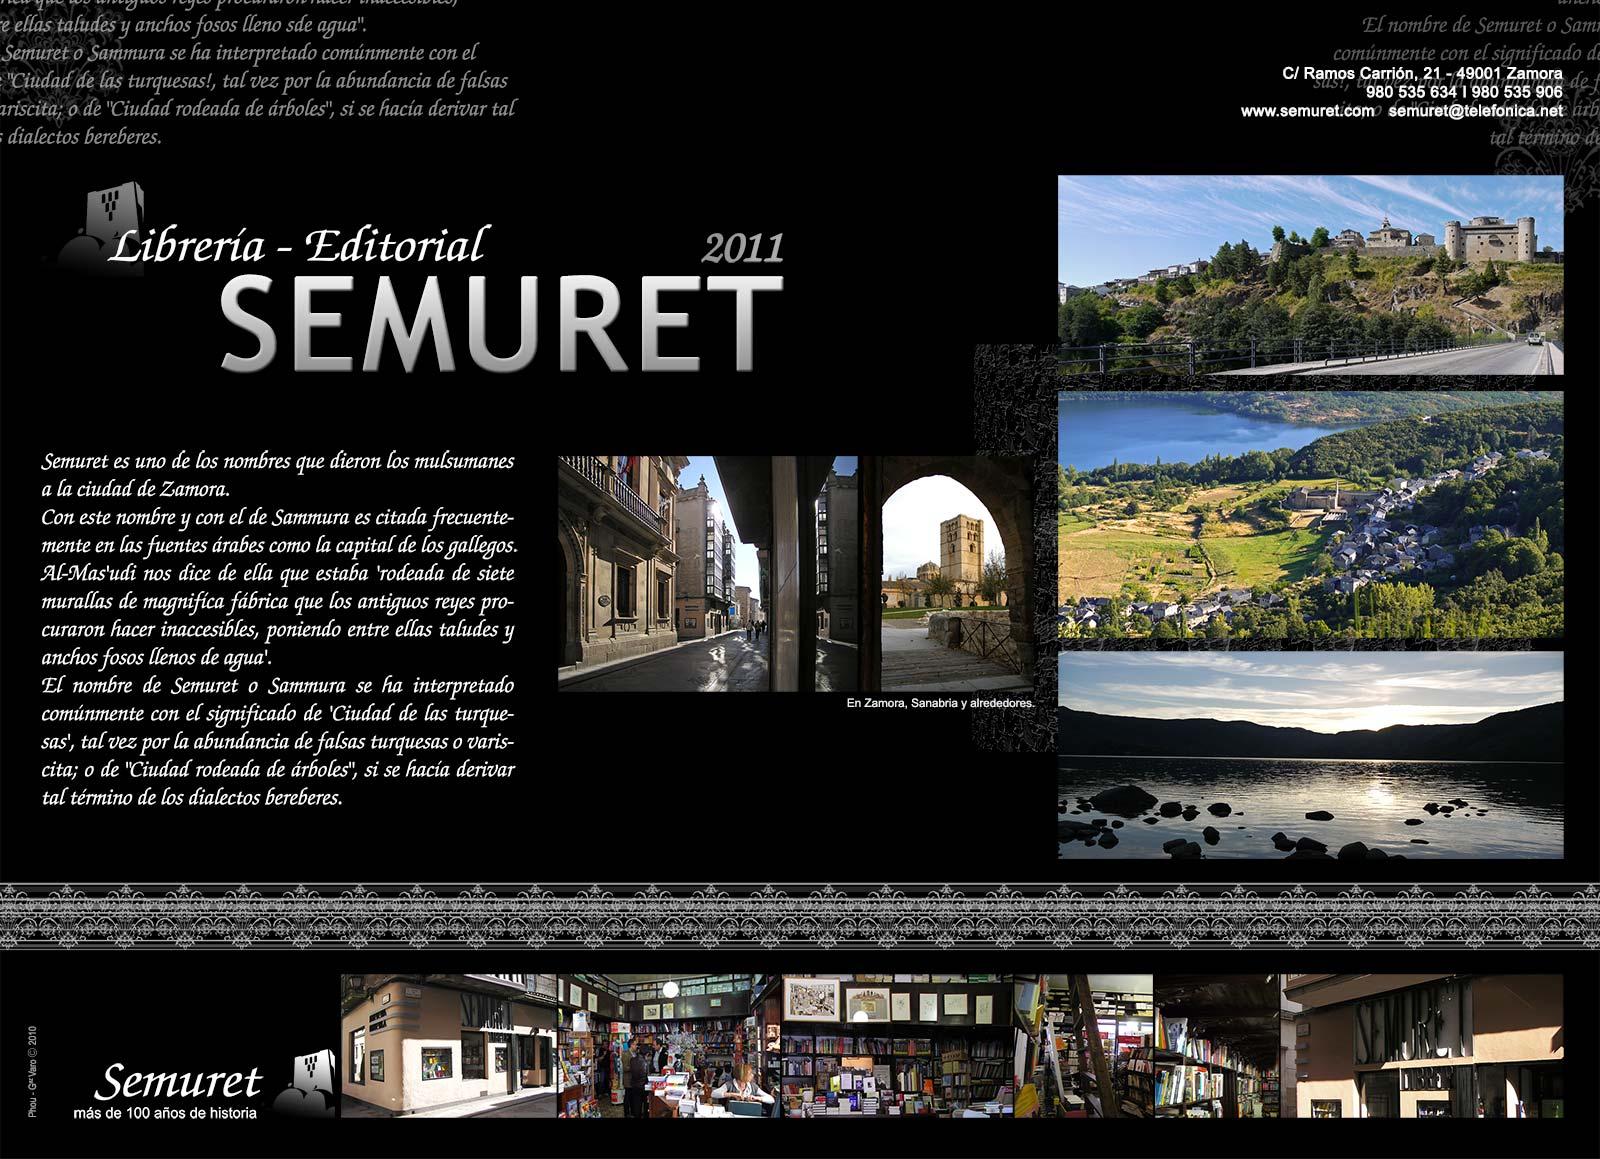 calendario-libreria-semuret-2011